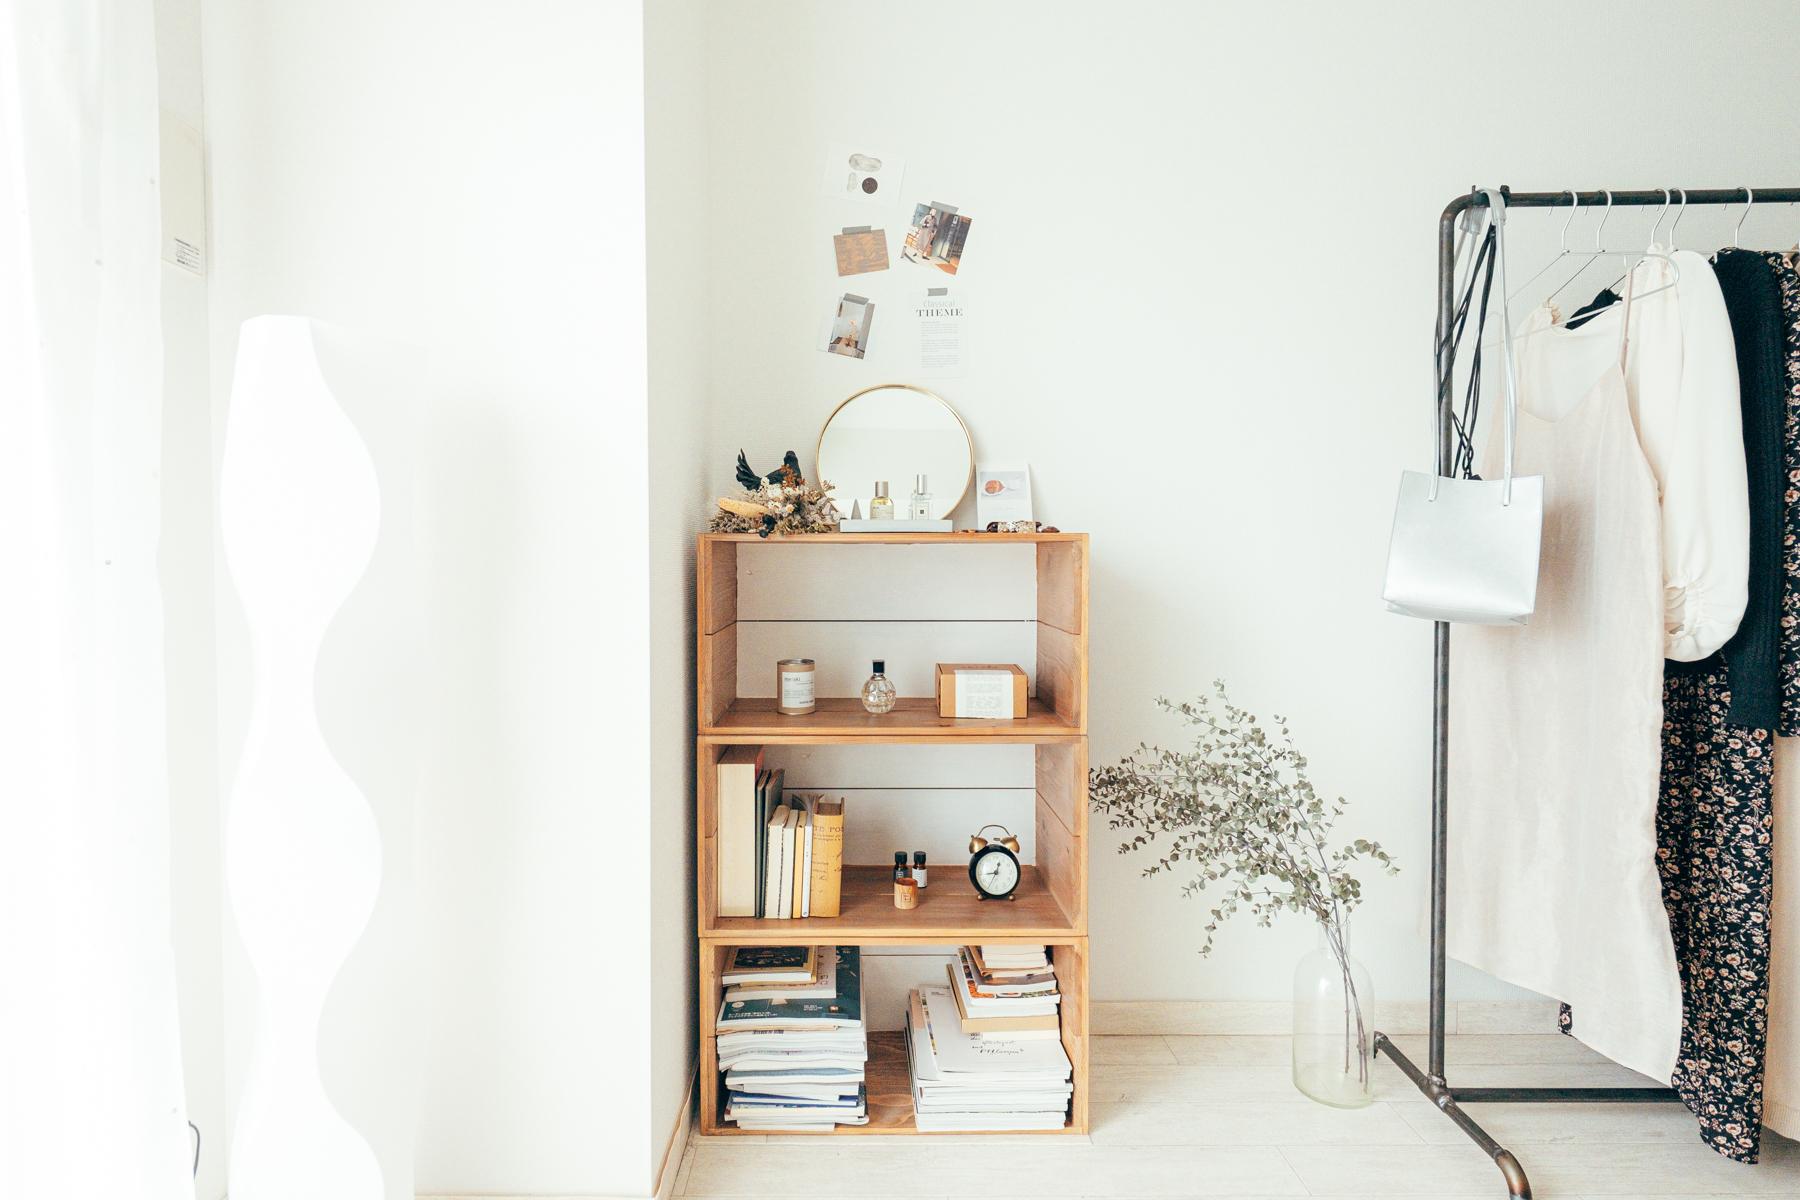 アクセサリーのディスプレイはネットで購入したりんご箱にワックスを塗り、作成。 奥を壁と同じ白で塗ることにより、抜け感が出て、余白が感じられます。